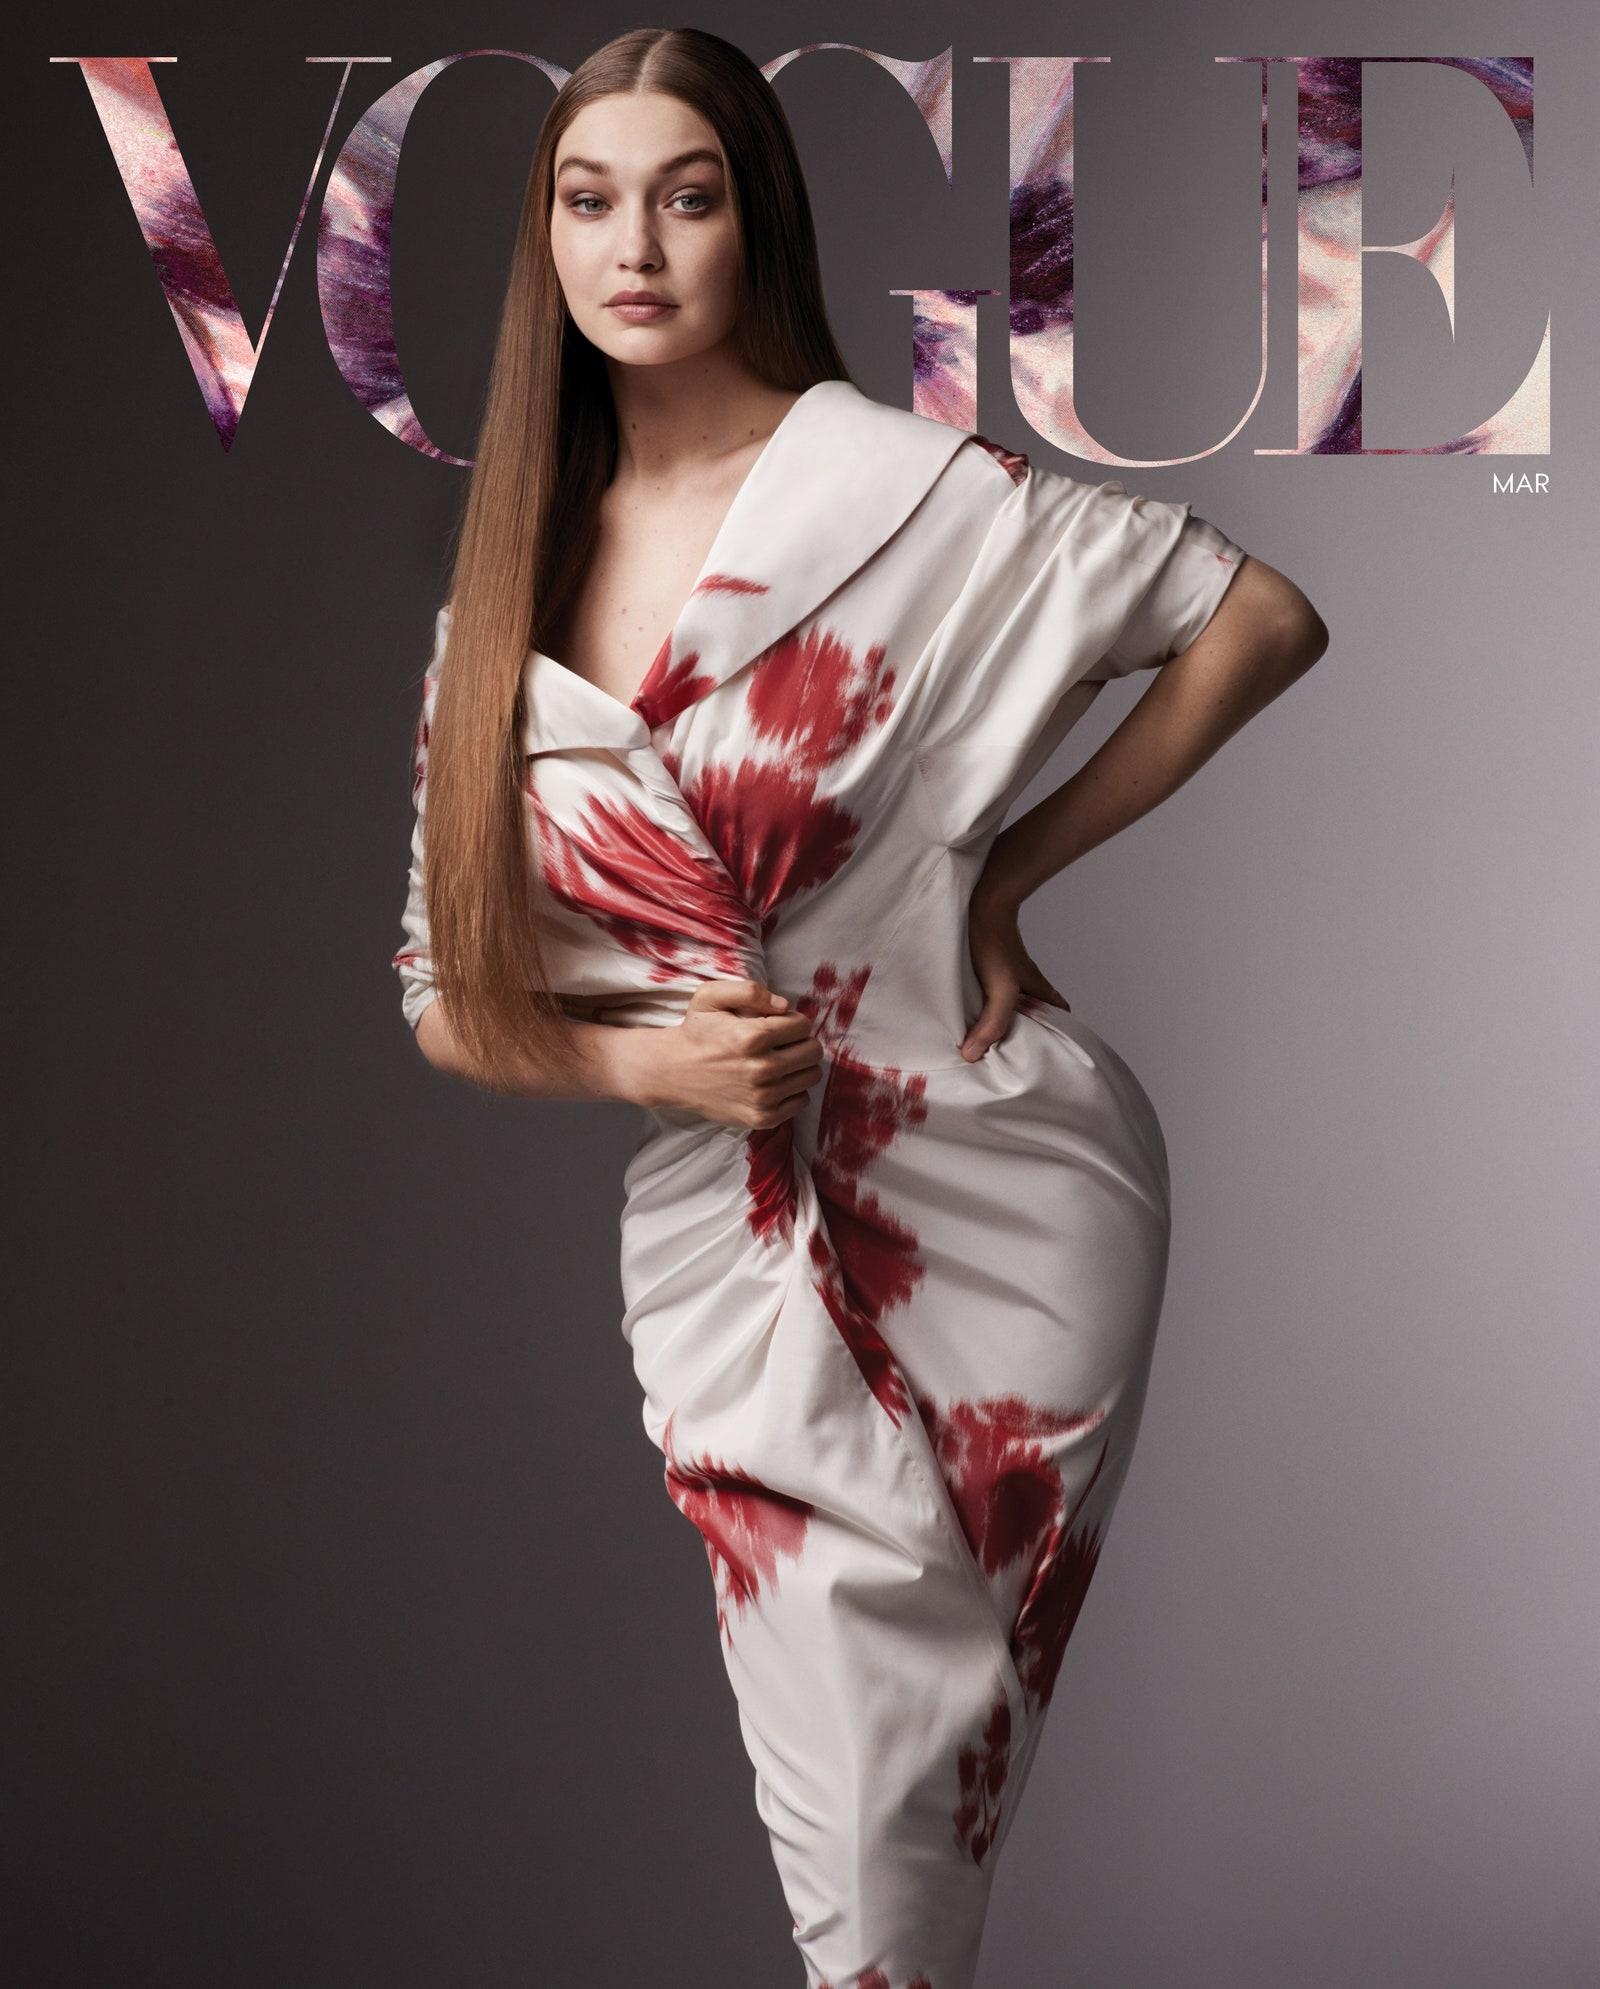 Джиджи Хадид впервые появилась на обложке Vogue после рождения дочери (ФОТО) - фото №1